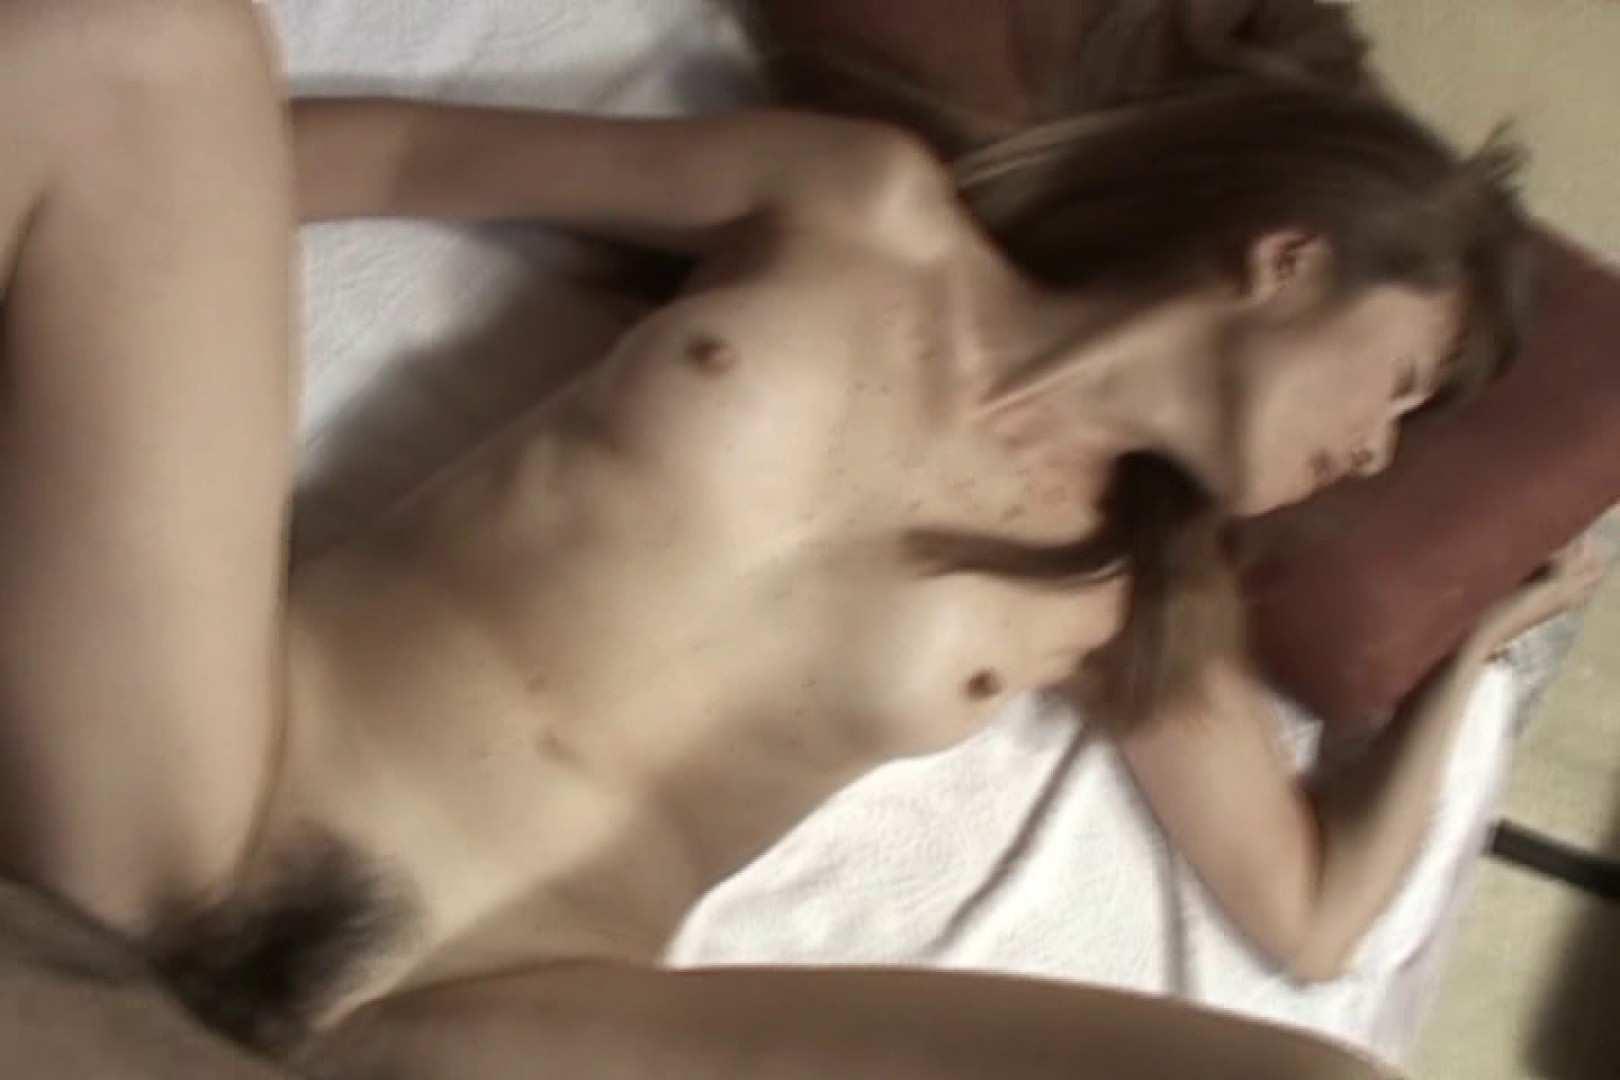 Aカップ奥様はまたがるのが大好き~森山ゆきこ~ SEX映像 隠し撮りオマンコ動画紹介 91連発 5